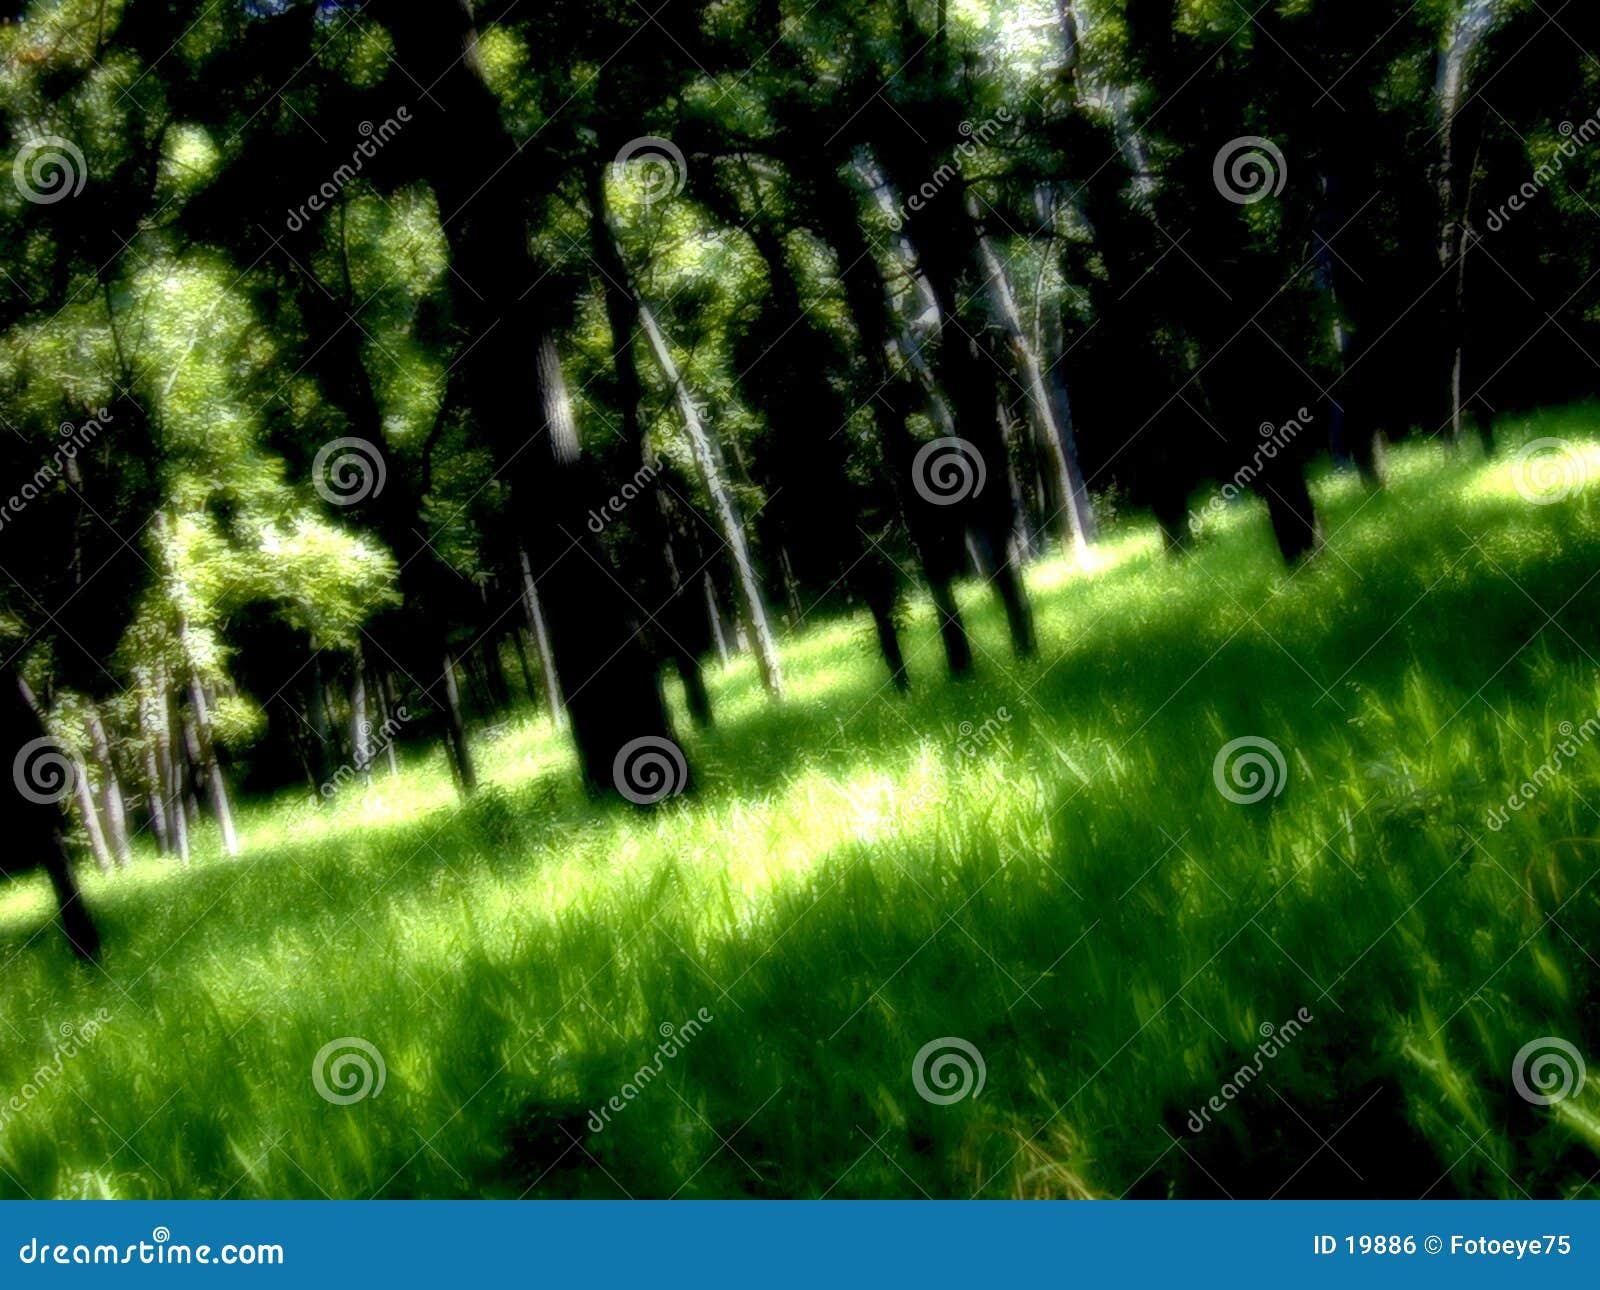 Marzy o las